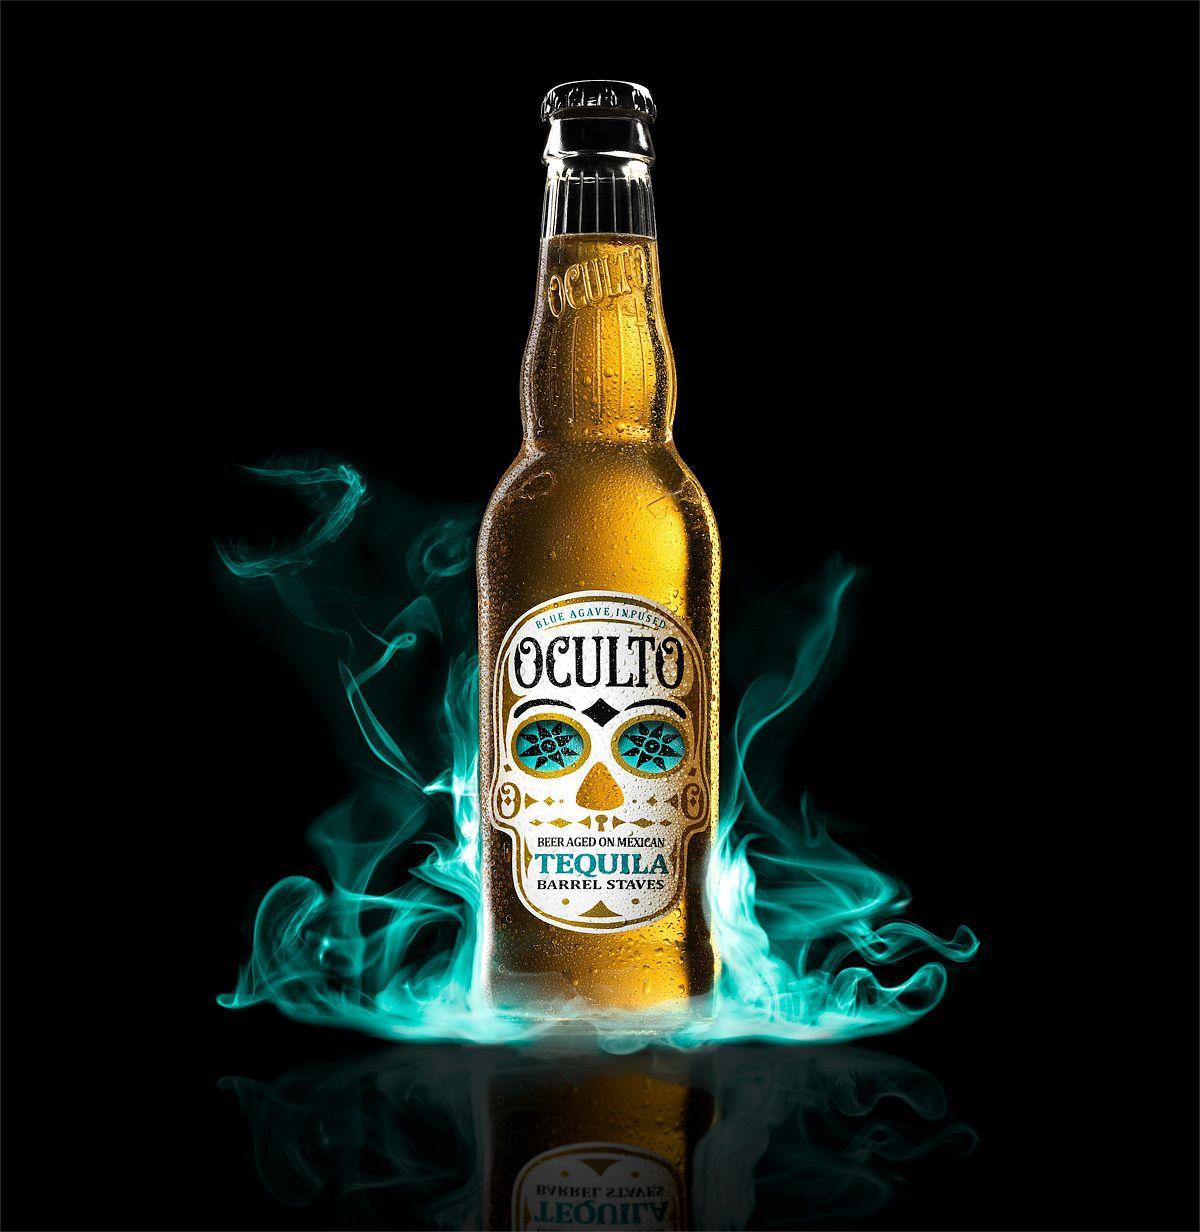 Oculto_Beer_Vapor